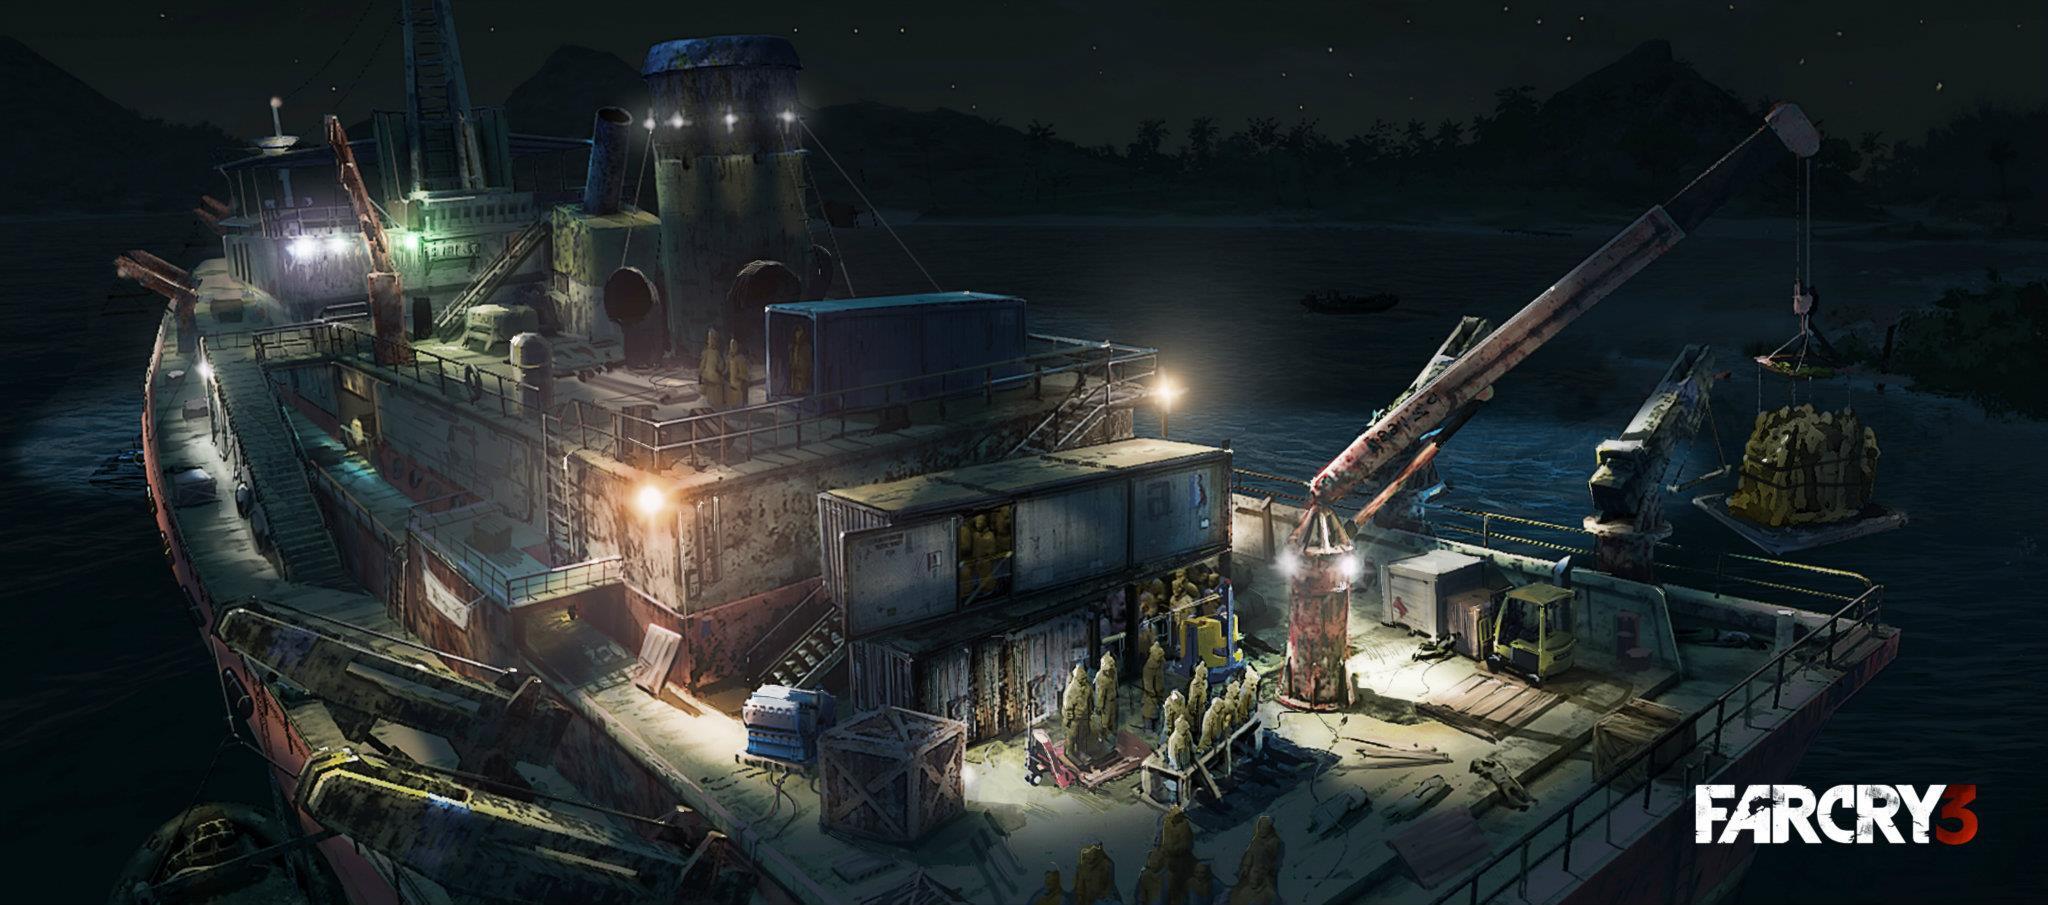 Artworky z různých prostředí Far Cry 3 64395